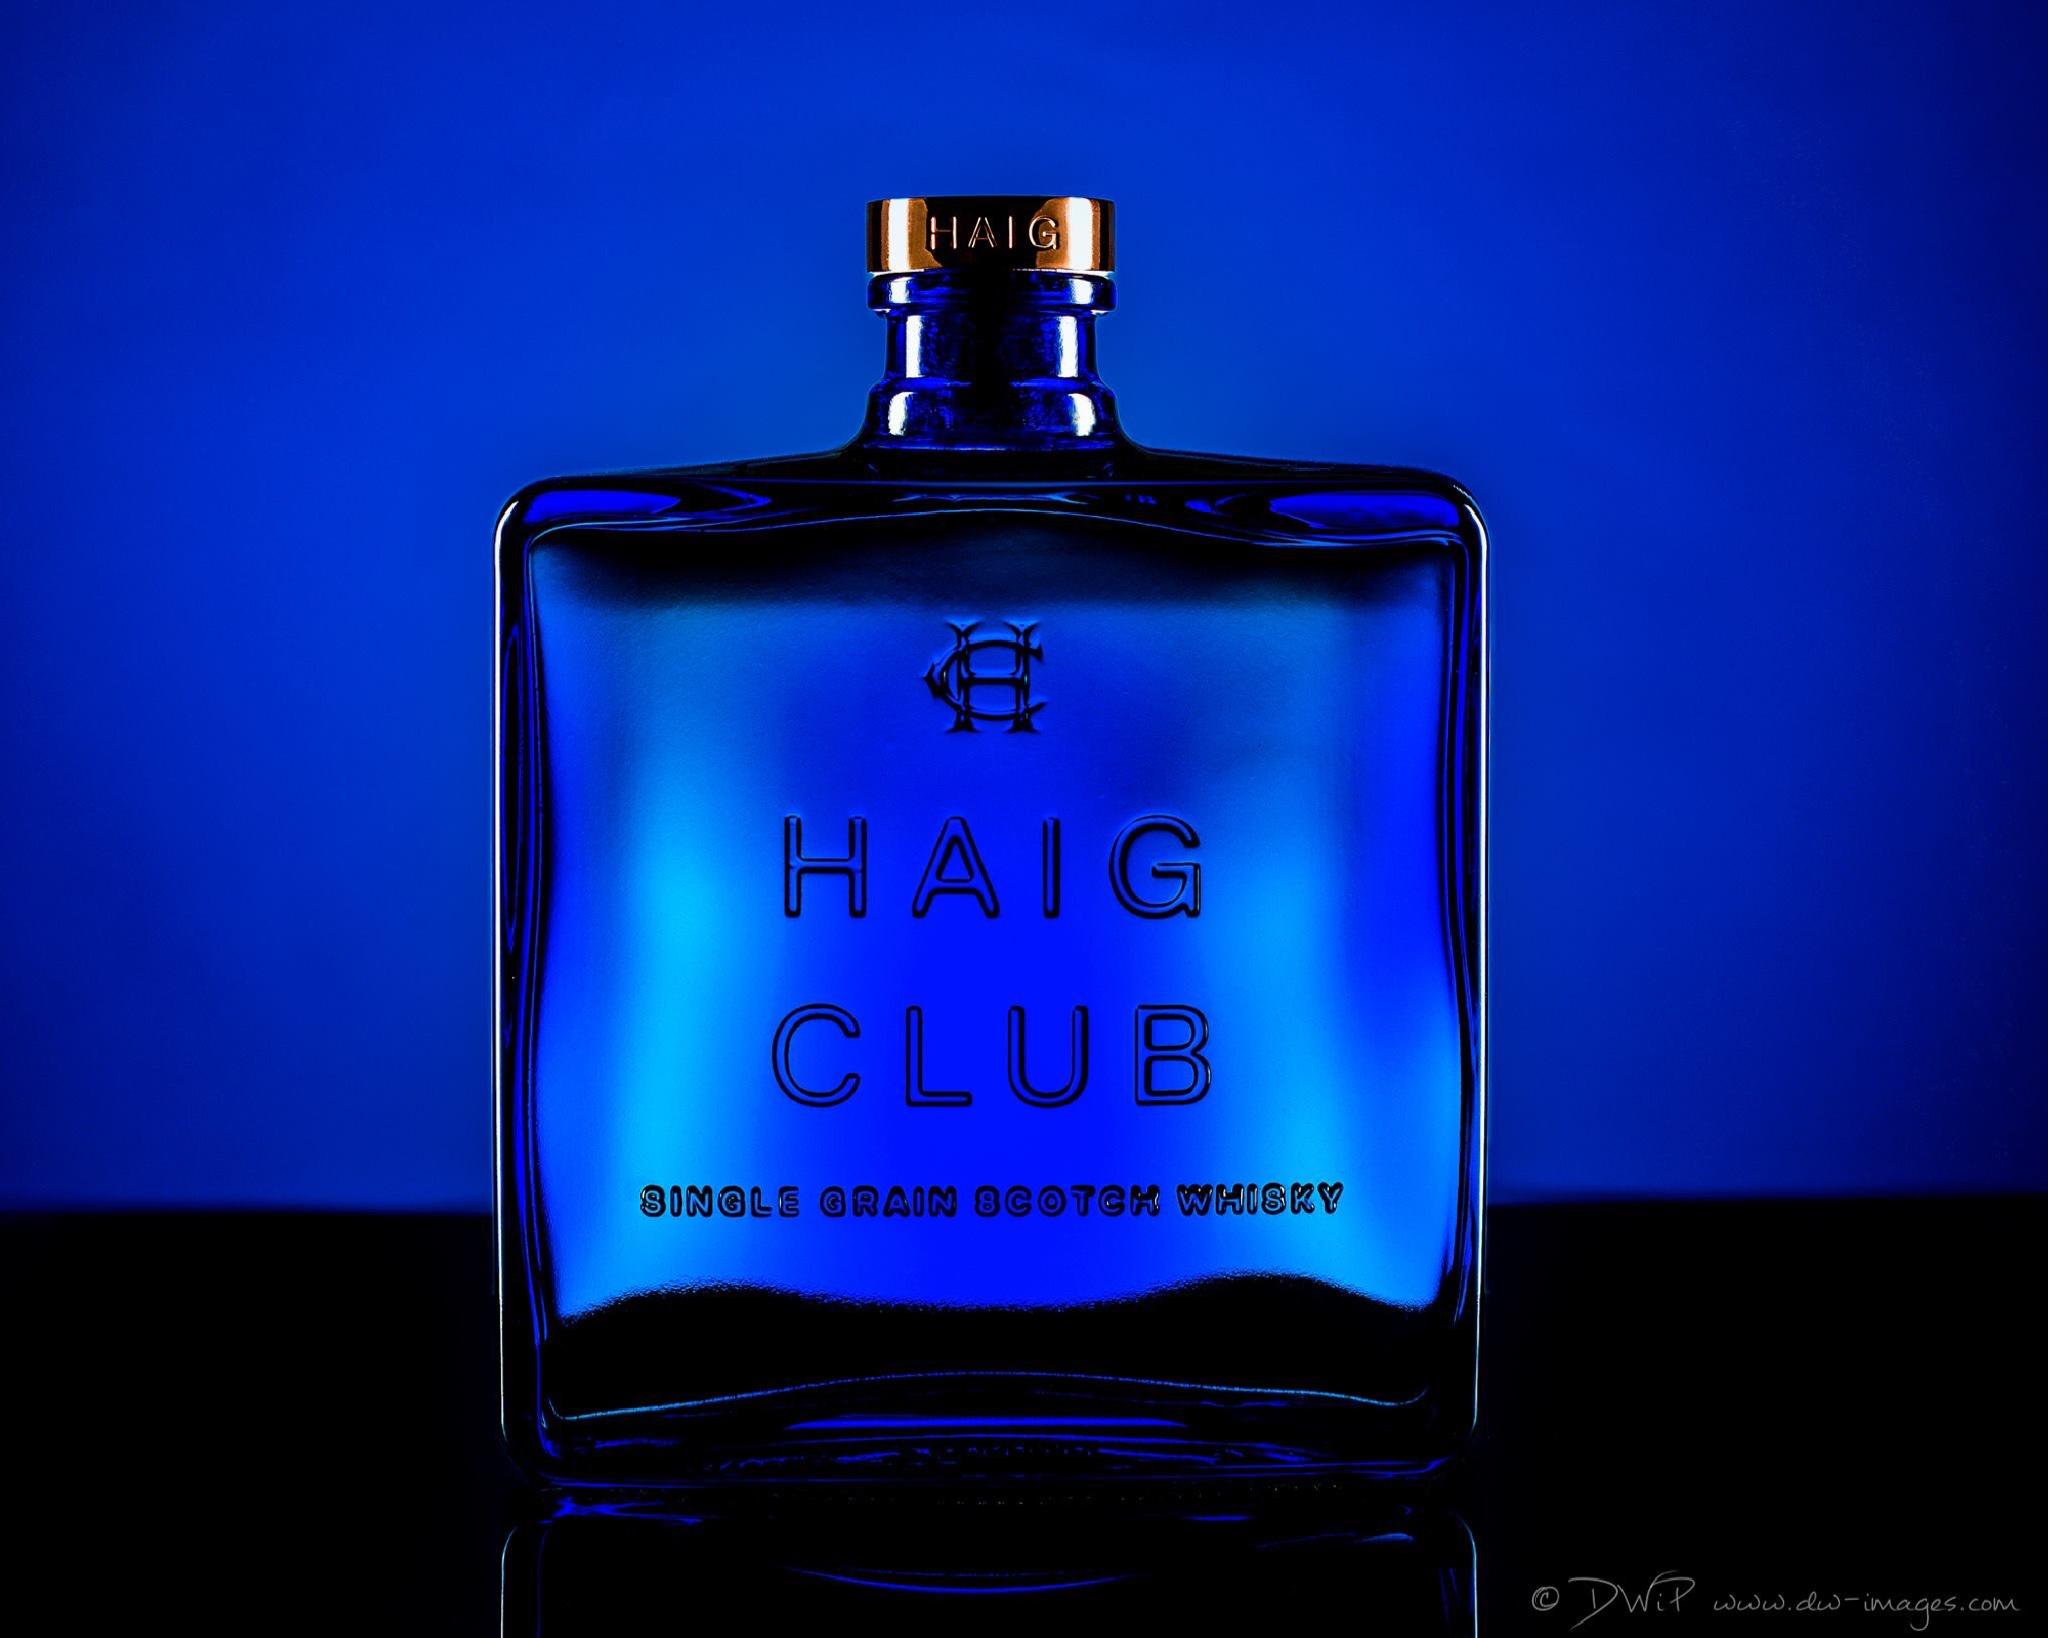 Haig Club by Dave Wellbelove